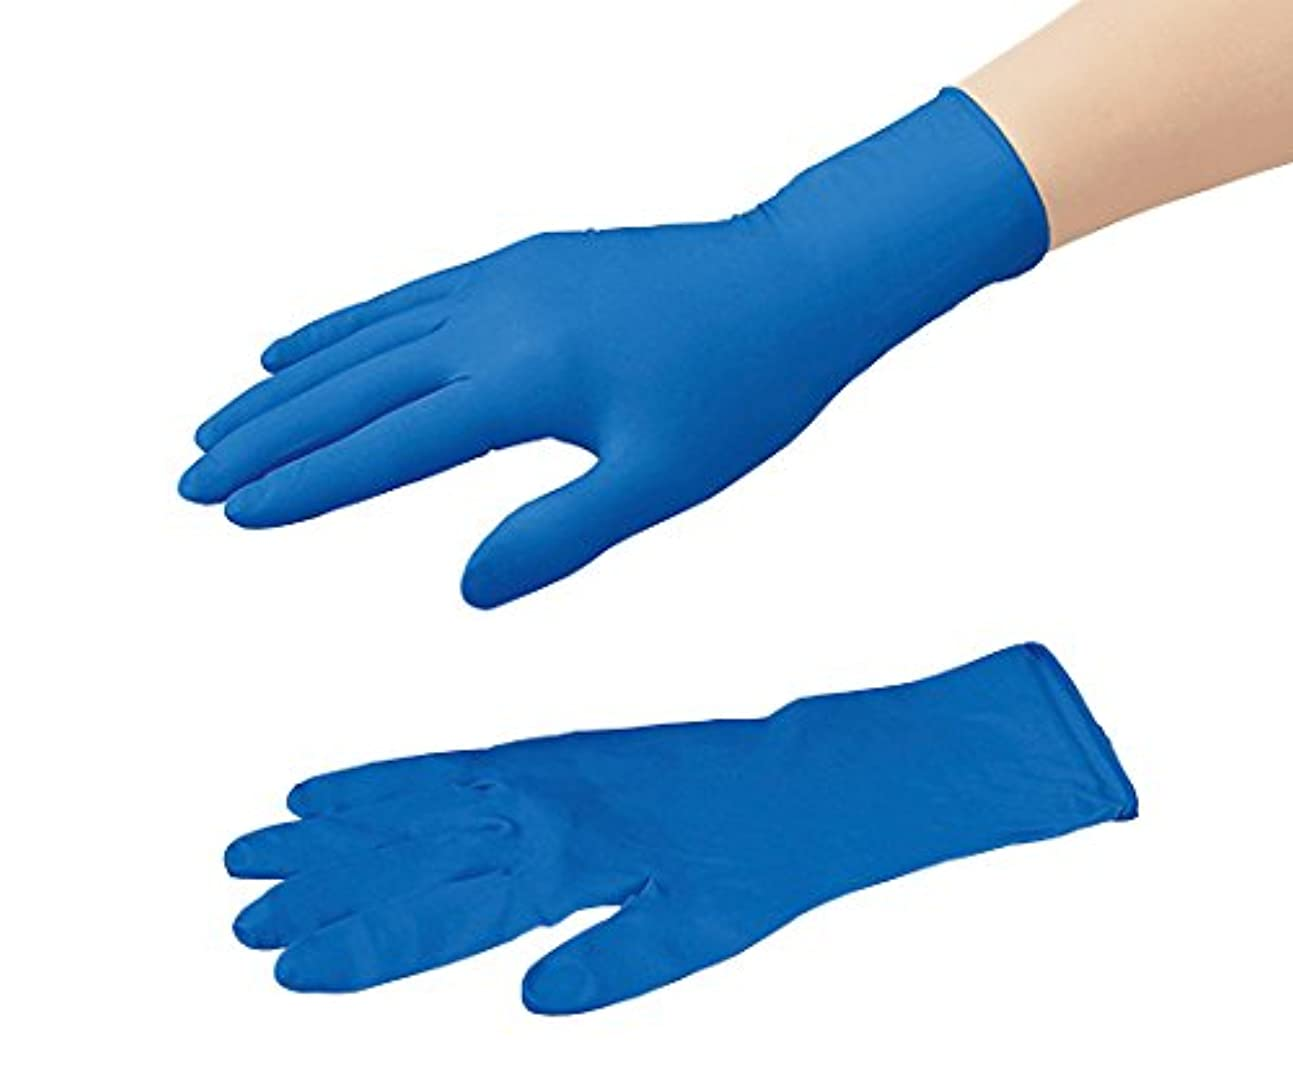 探す解明咽頭アズワン2-9878-02ニトリル手袋(HYDREX(R))S50枚入